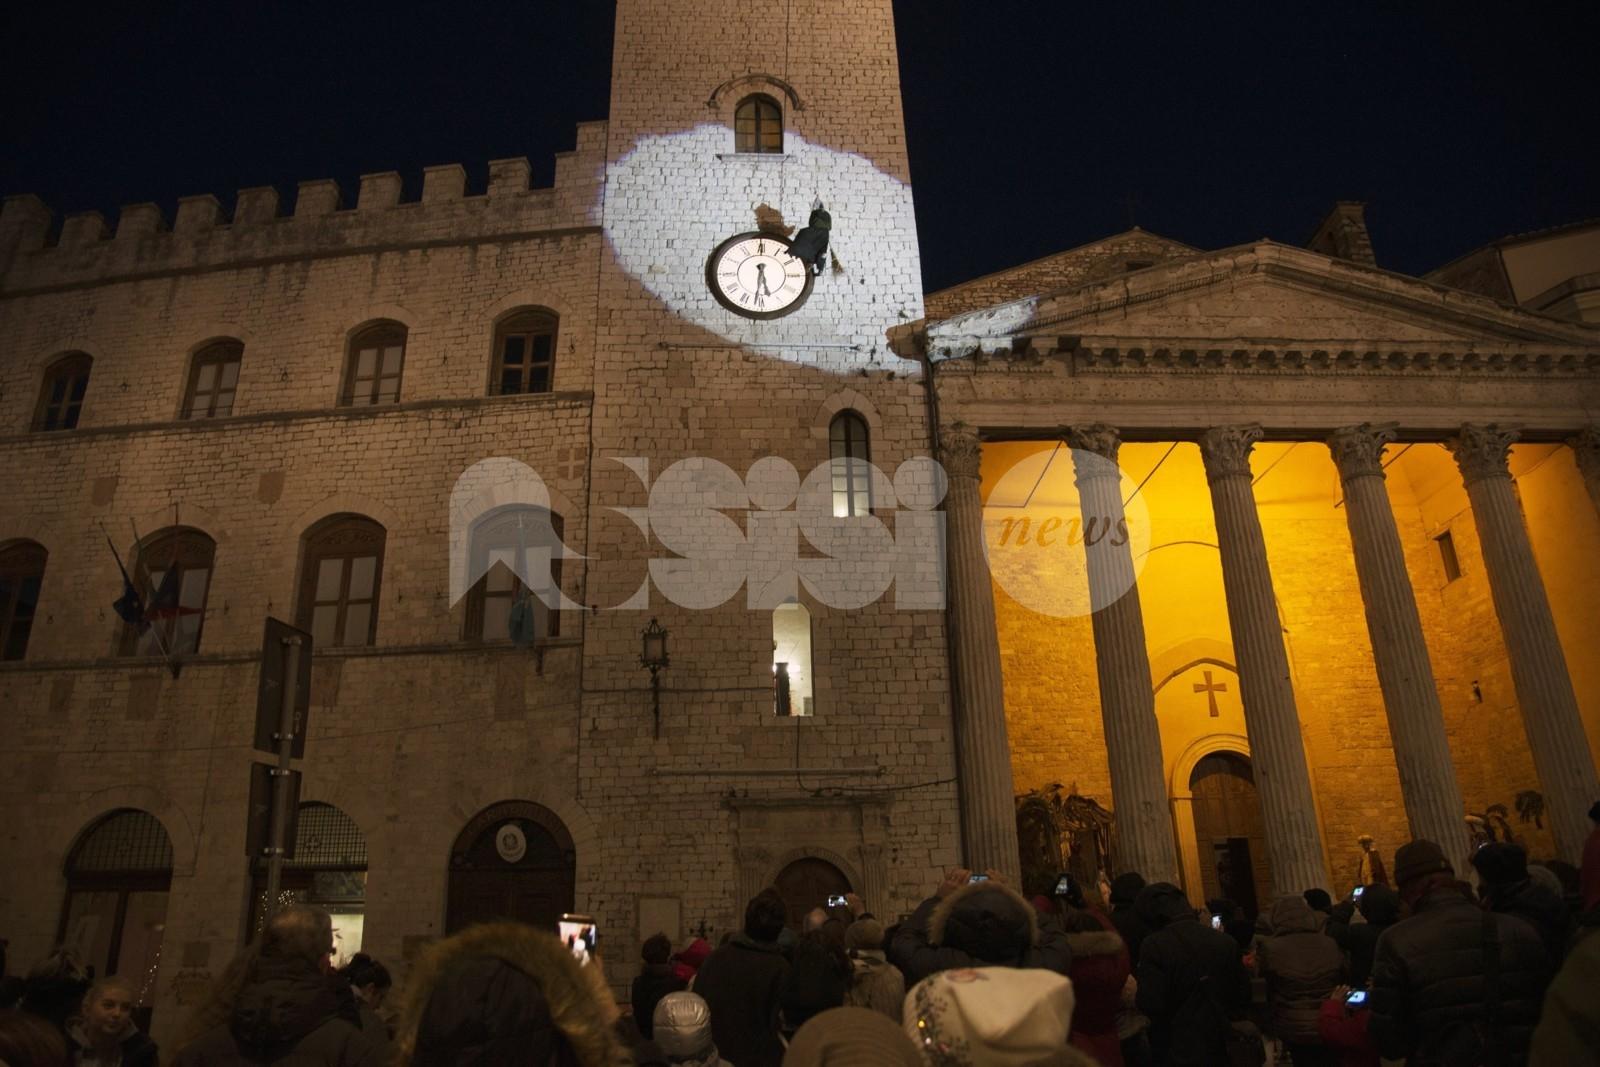 Befana 2020 ad Assisi: eventi dove e quando, dal 3 al 6 gennaio